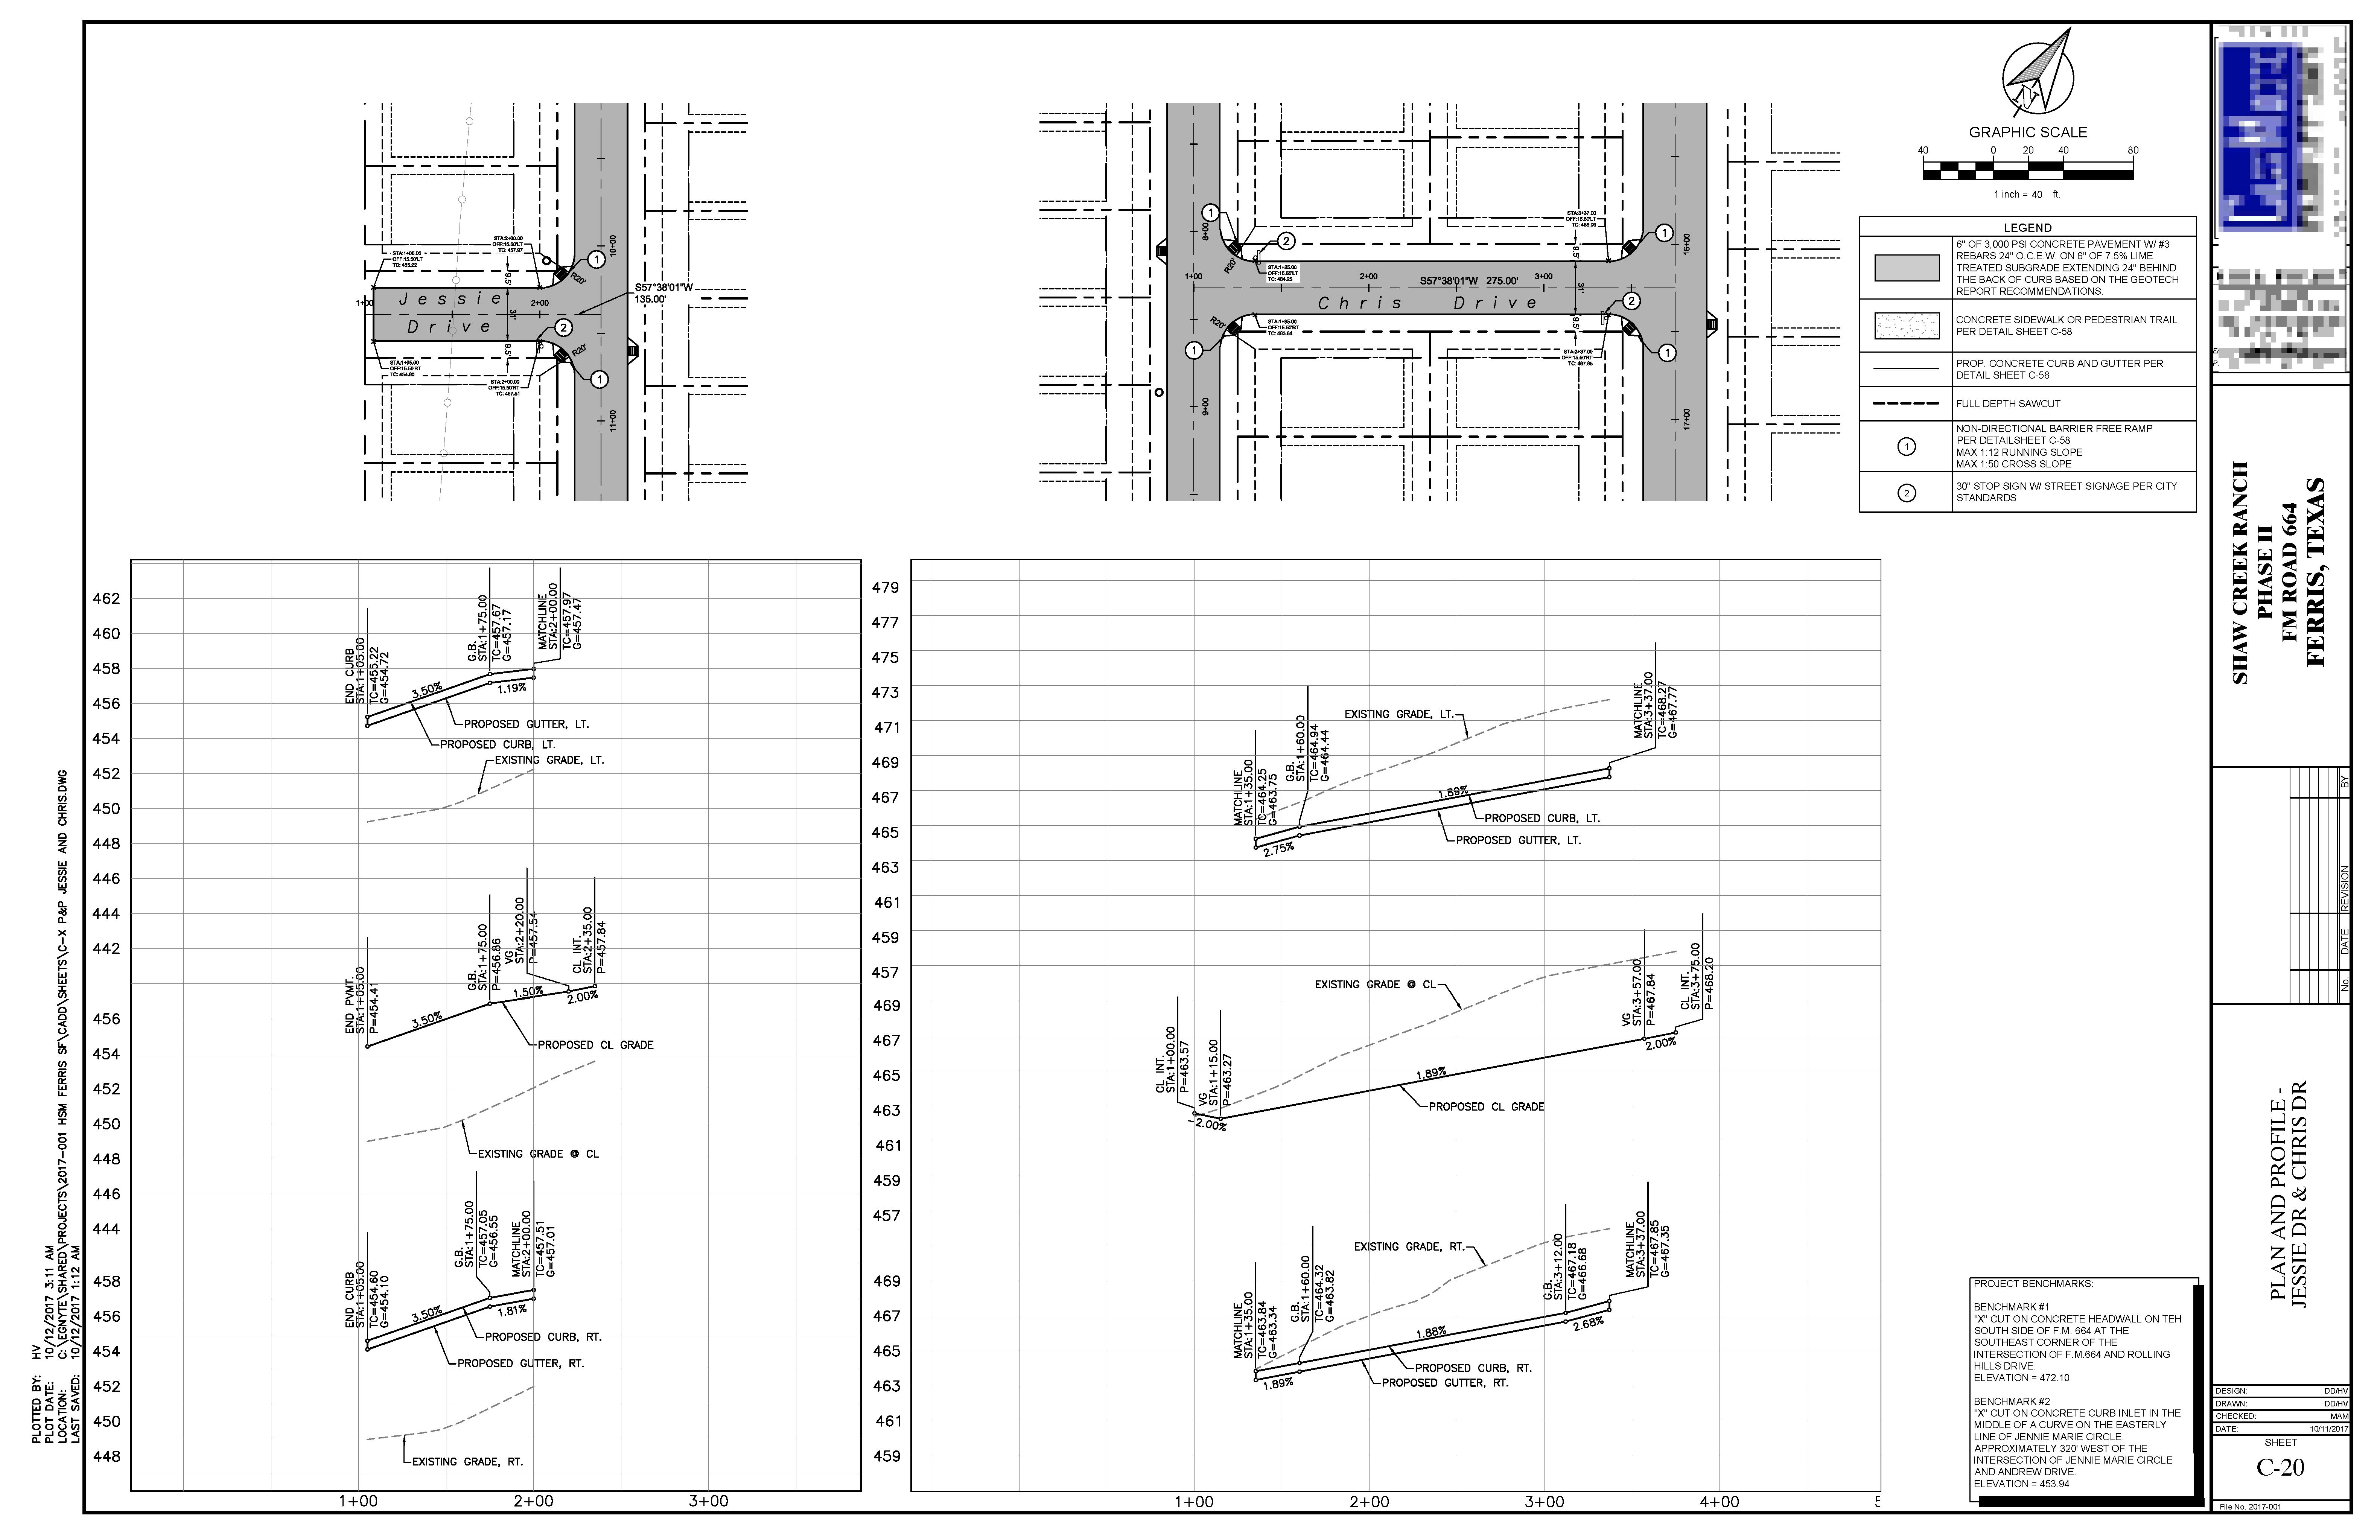 Plan & Profile